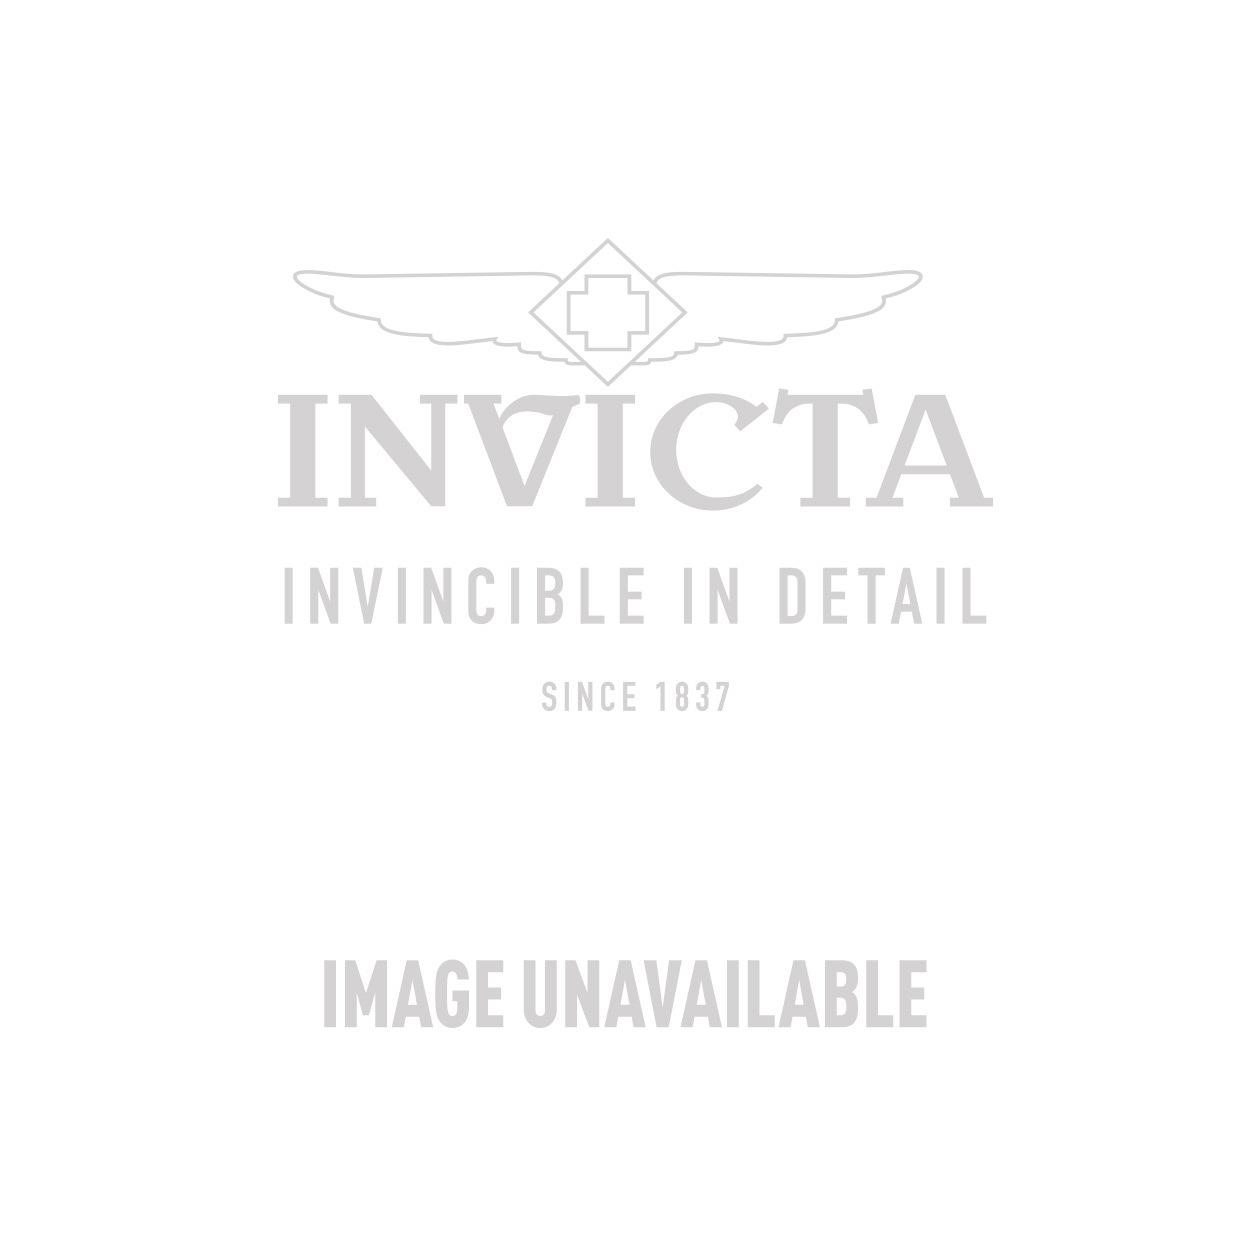 Invicta Model 21924